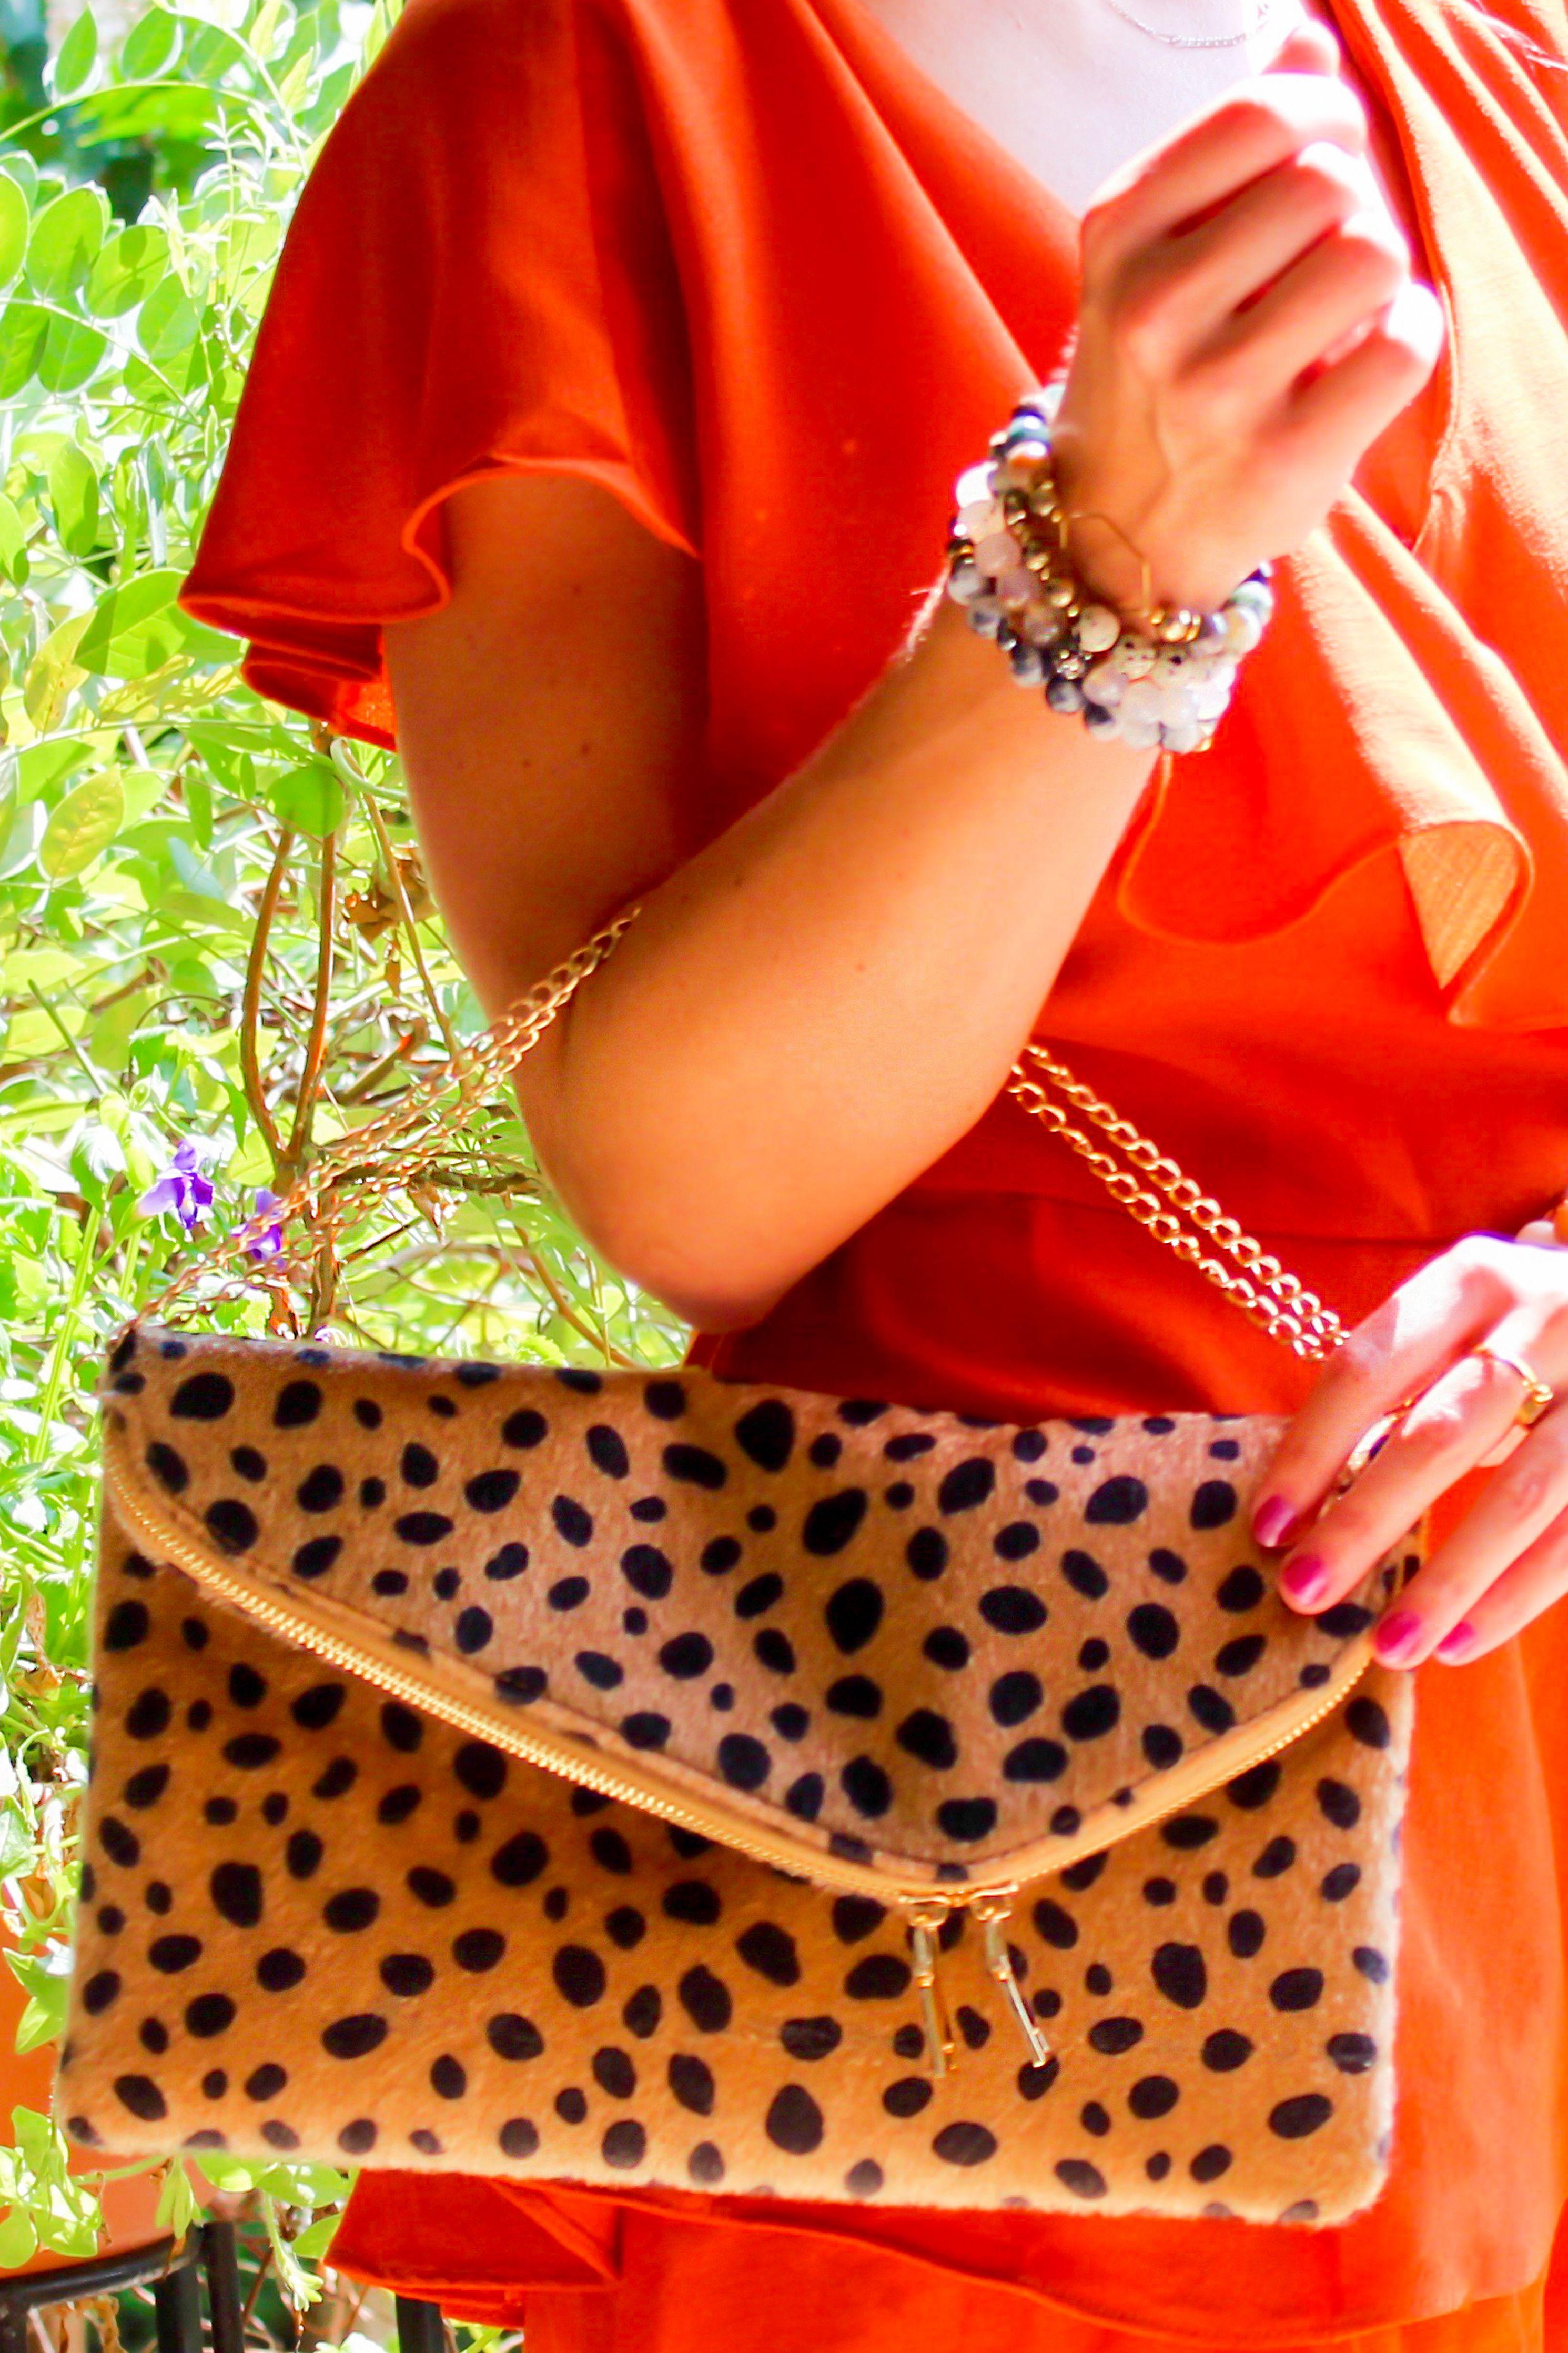 b715bdc4ddf7 Leopard Foldover Clutch, Cheetah Print Clutch, Animal Print Clutch, Leopard  Crossbody Handbag,